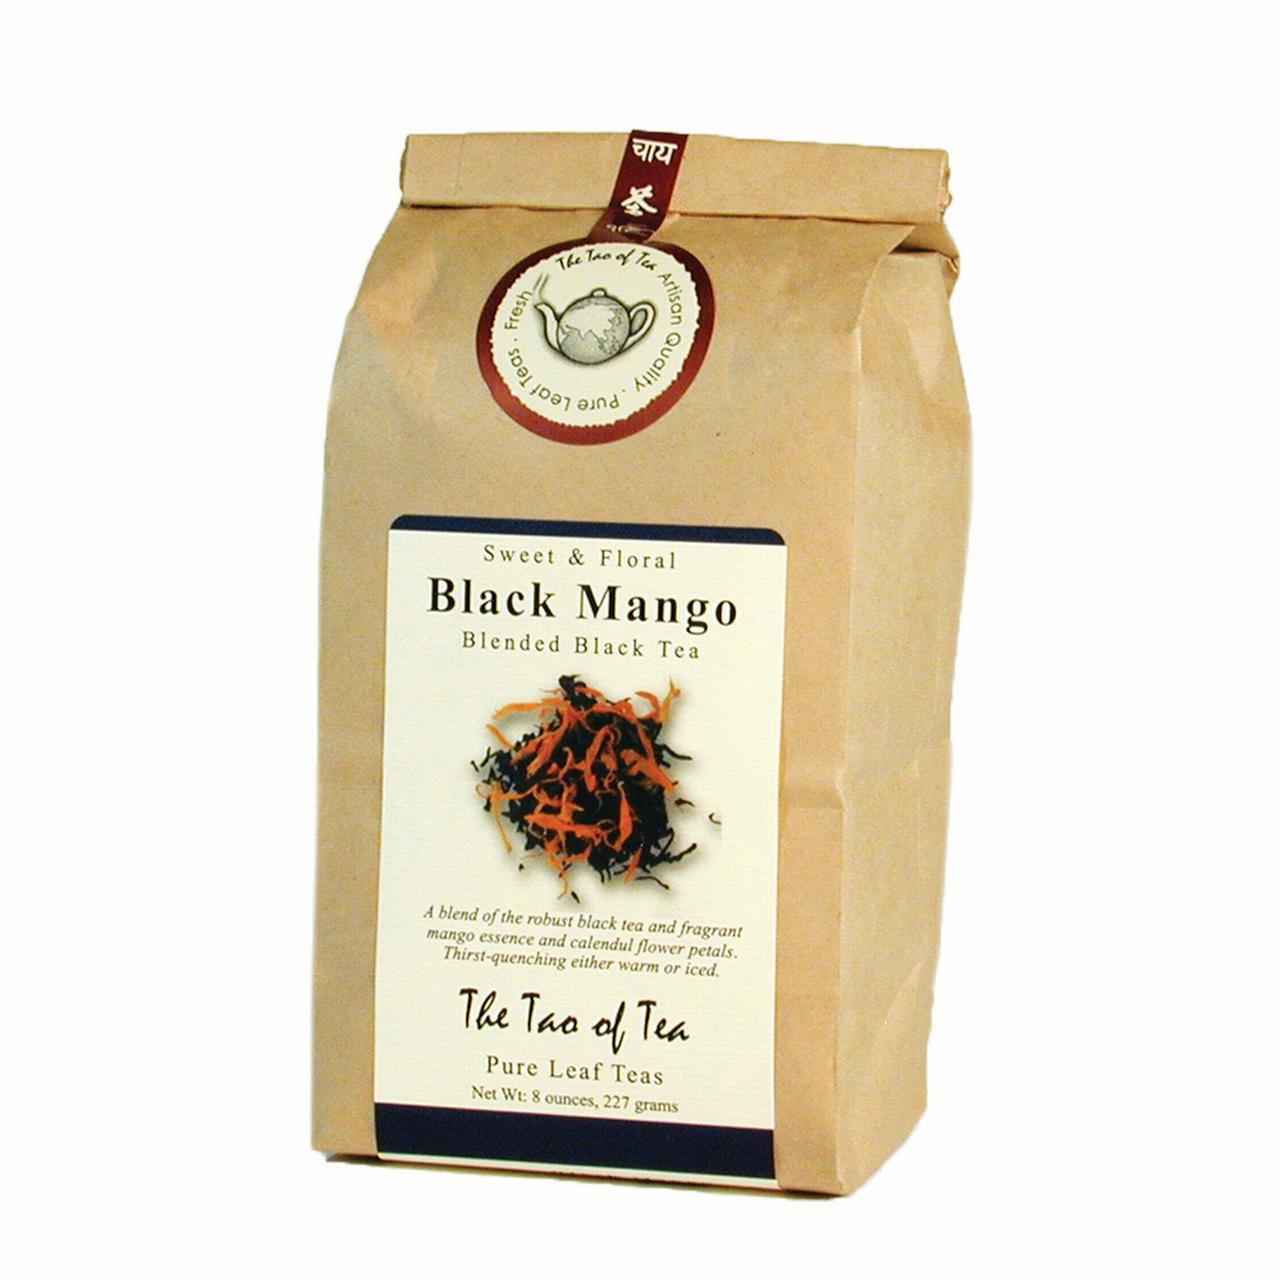 The Tao of Tea, Black Mango Tea, Loose Leaf Tea, 8 Oz Tin Tie Bag